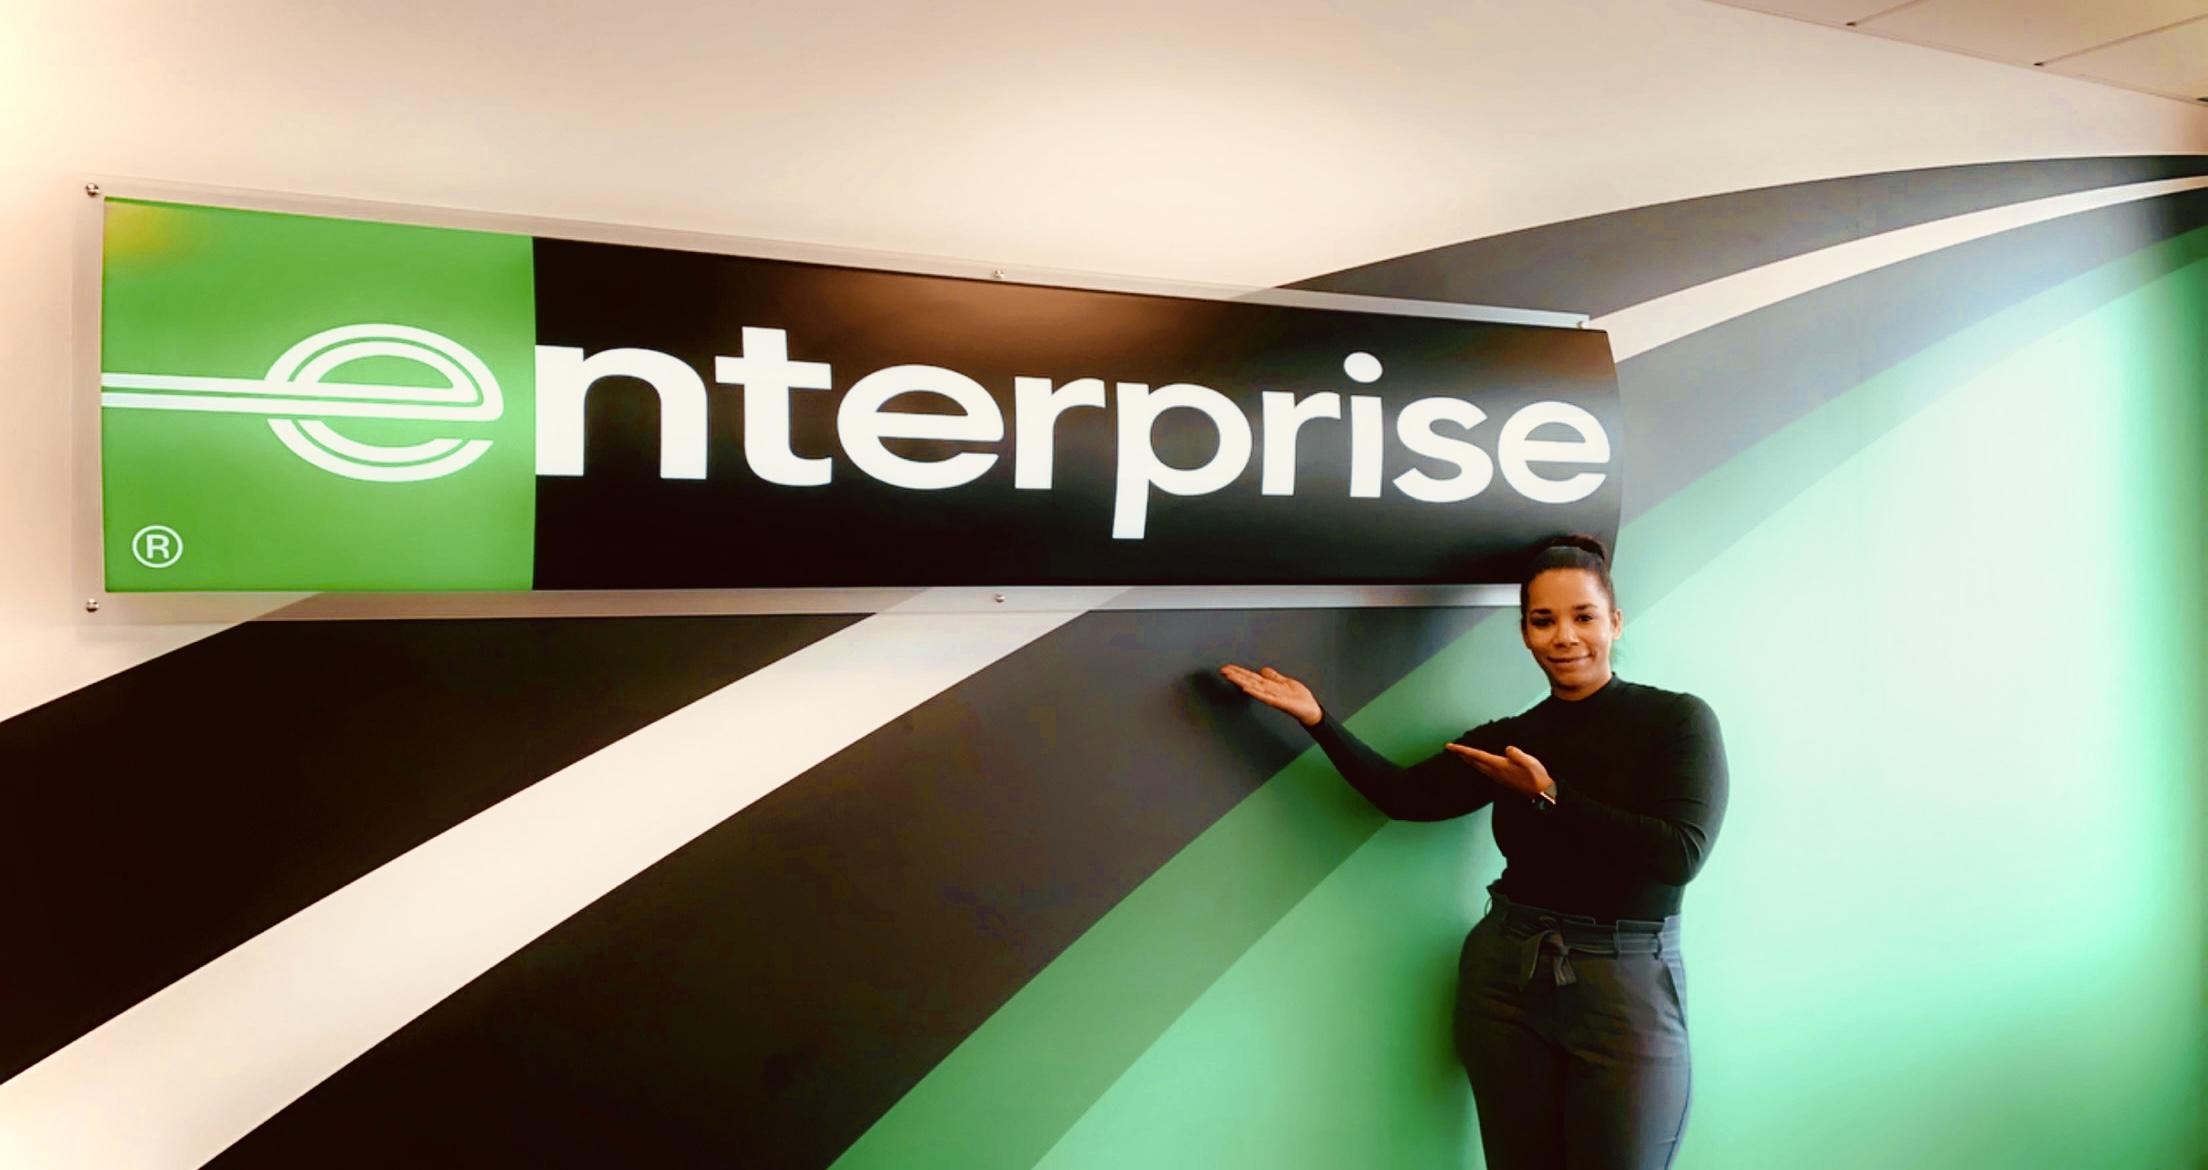 Karriere bei Enterprise: Hier kann ich Mama sein, aber auch als eigenständige Person meine Karriere vorantreiben